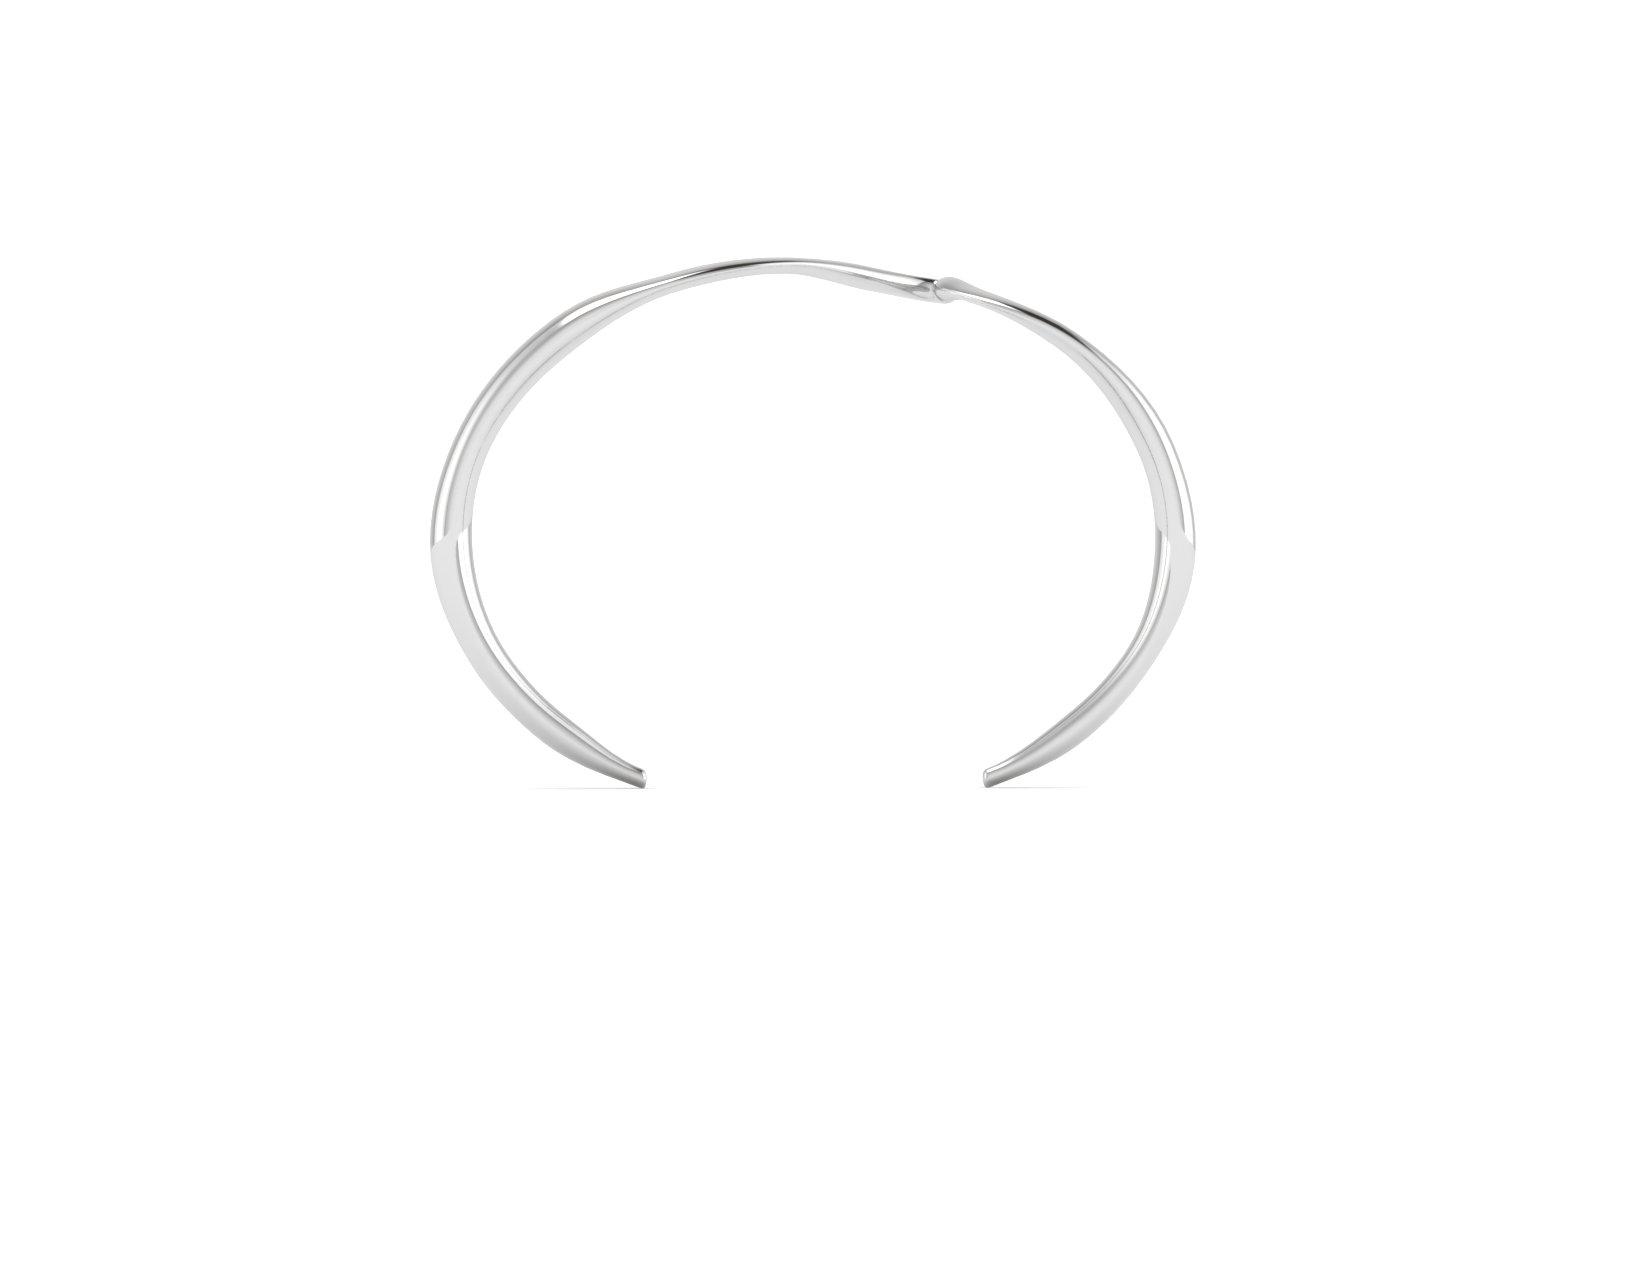 wrist bone bracelet right side.jpg